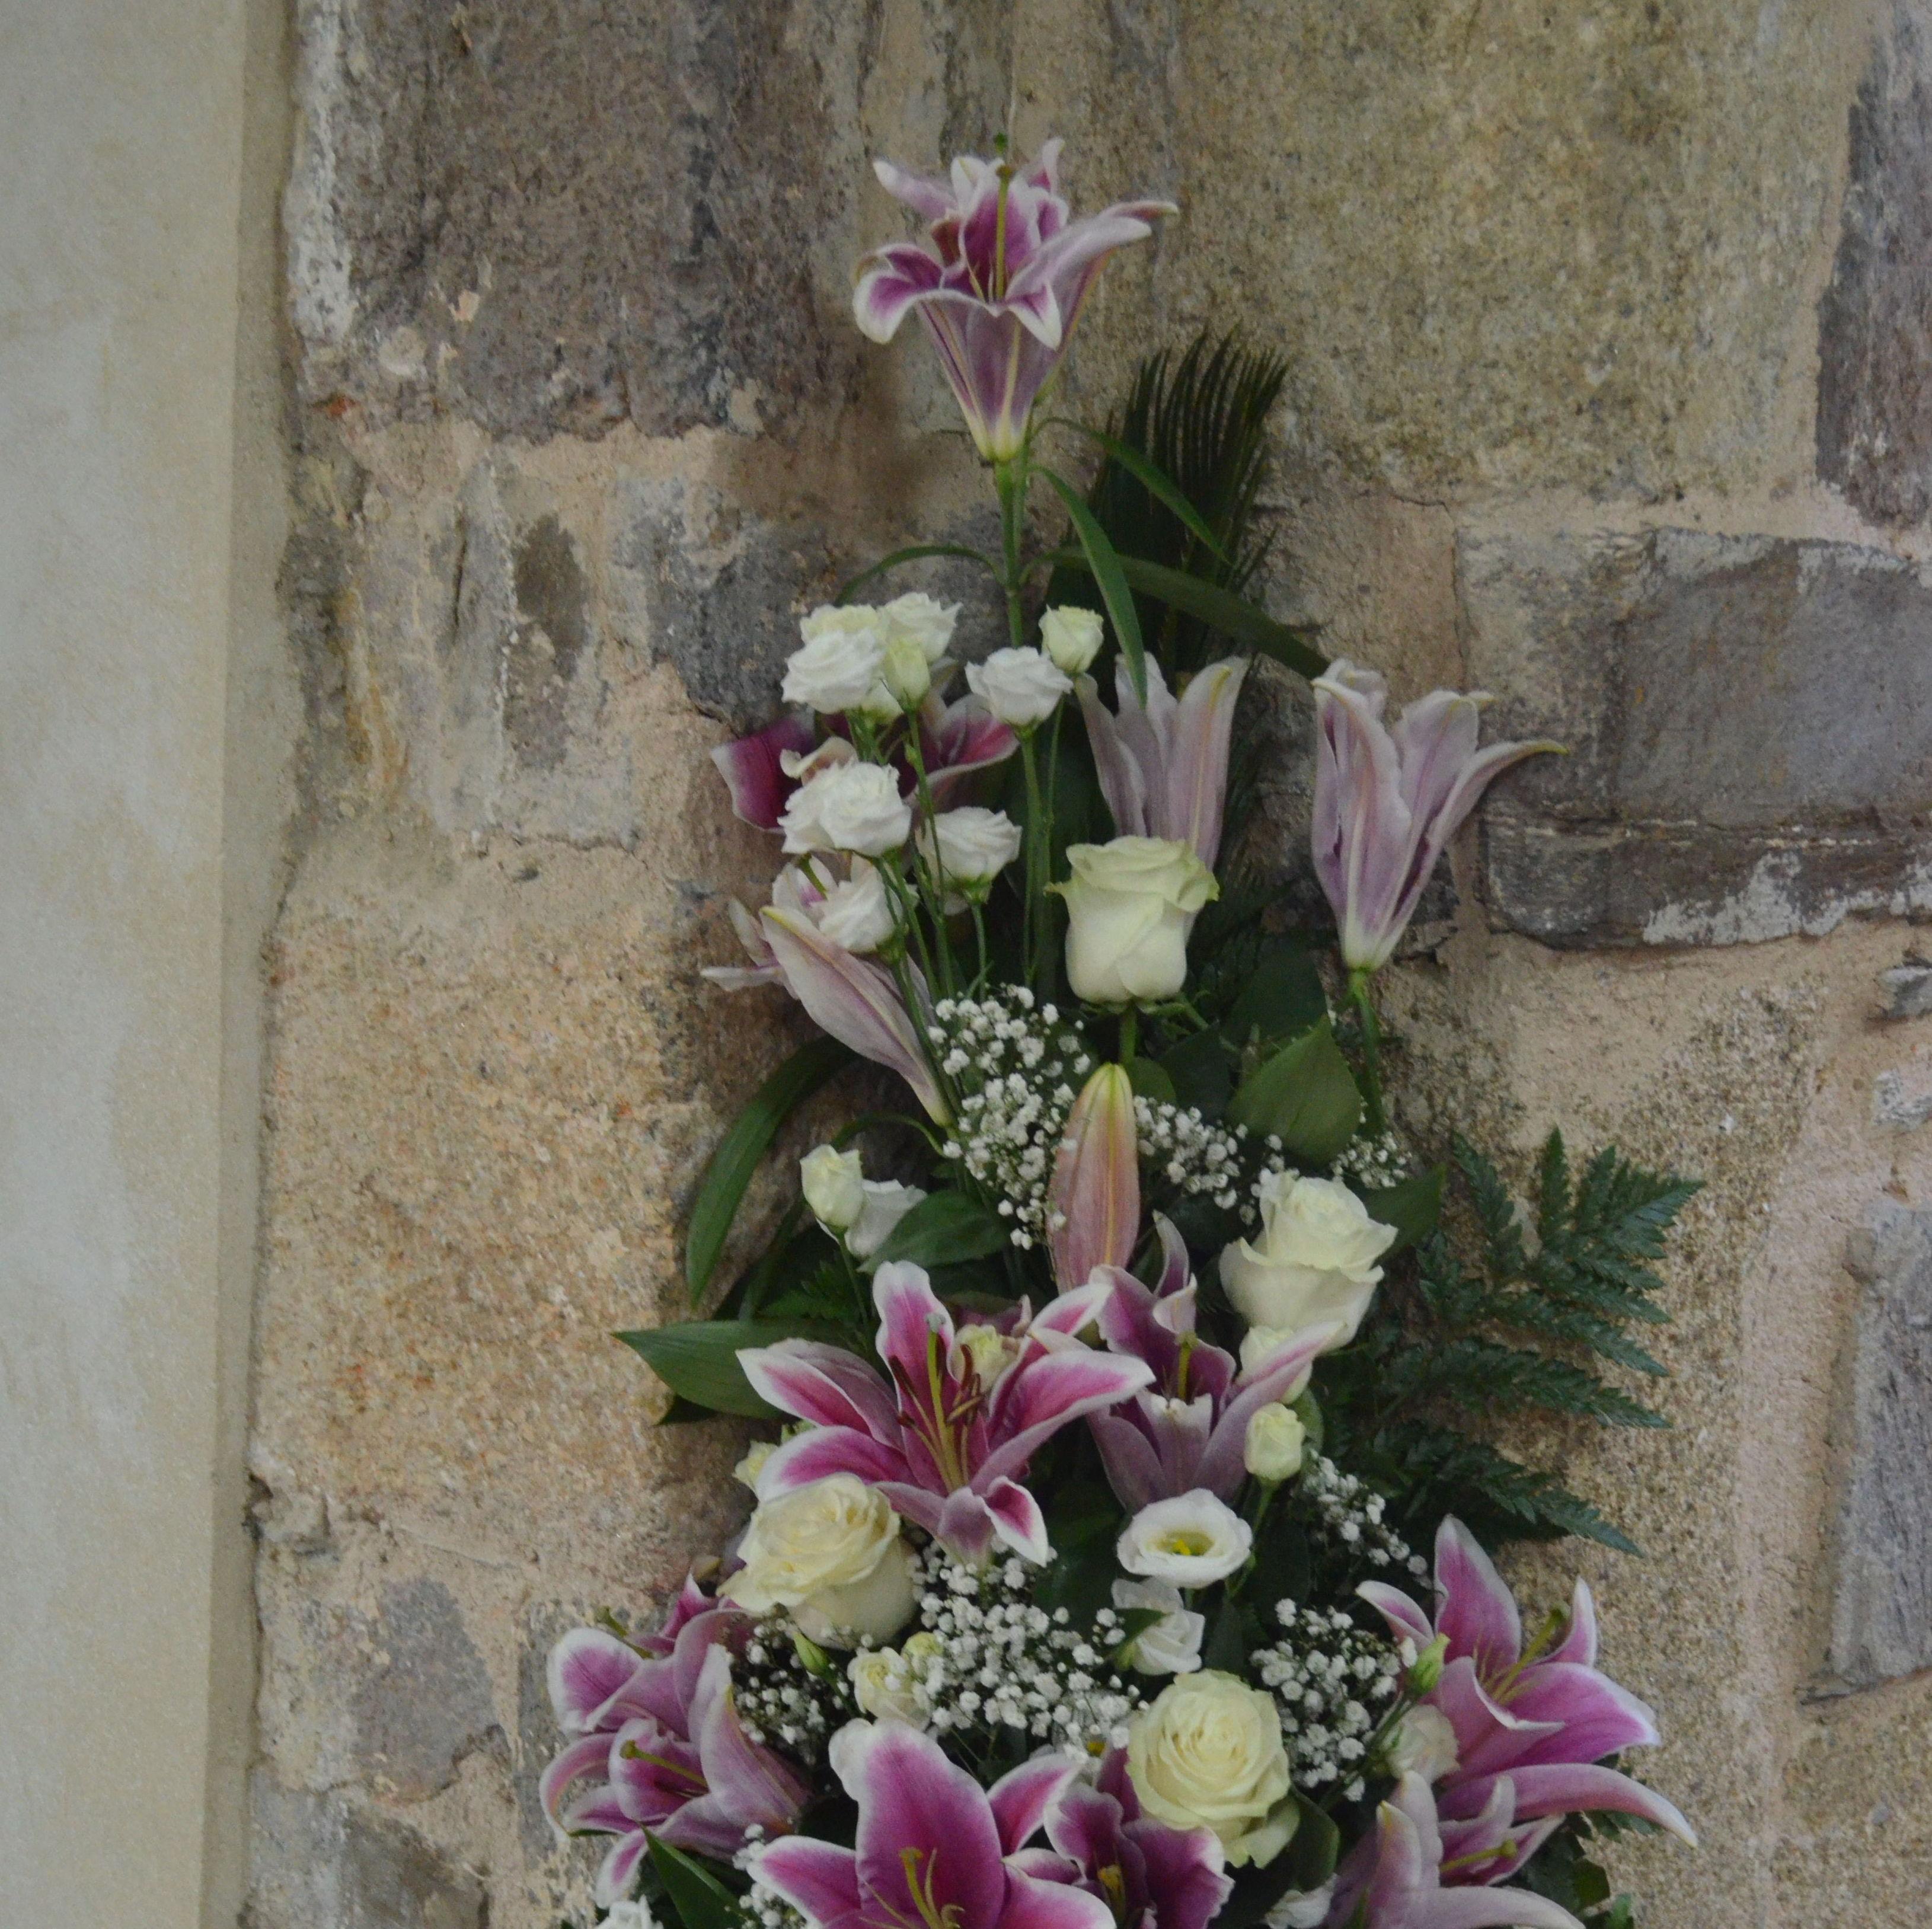 Floristería y vivero. Venta de flores